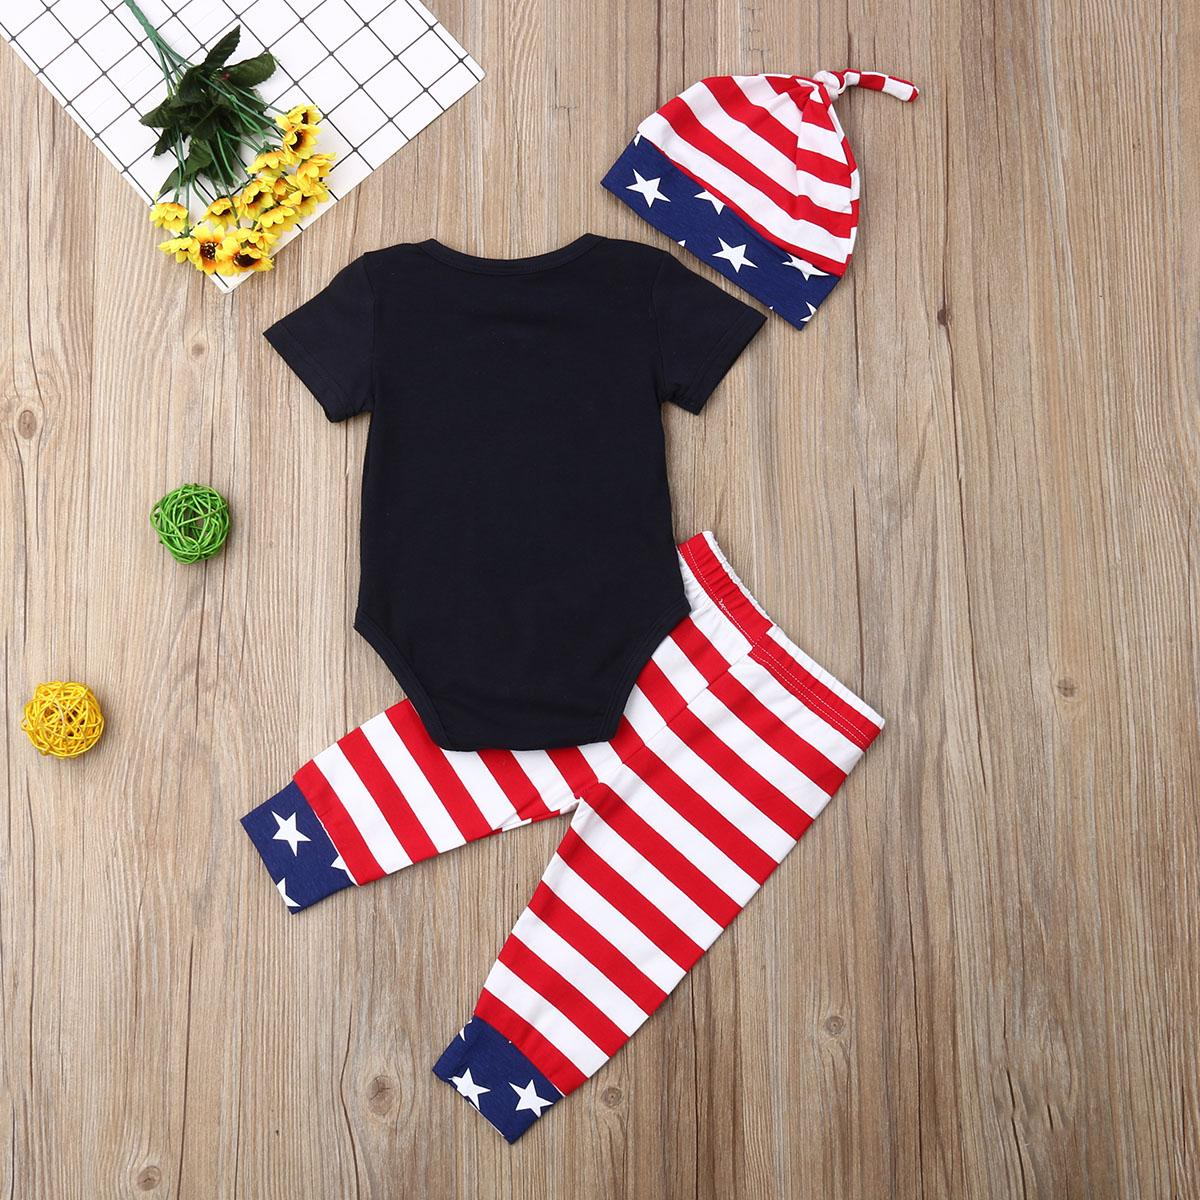 4 ° Neonato Bambino Bambini Ragazza Ragazzo Di Luglio a righe Stars Top + Pants Hat Outfits Set